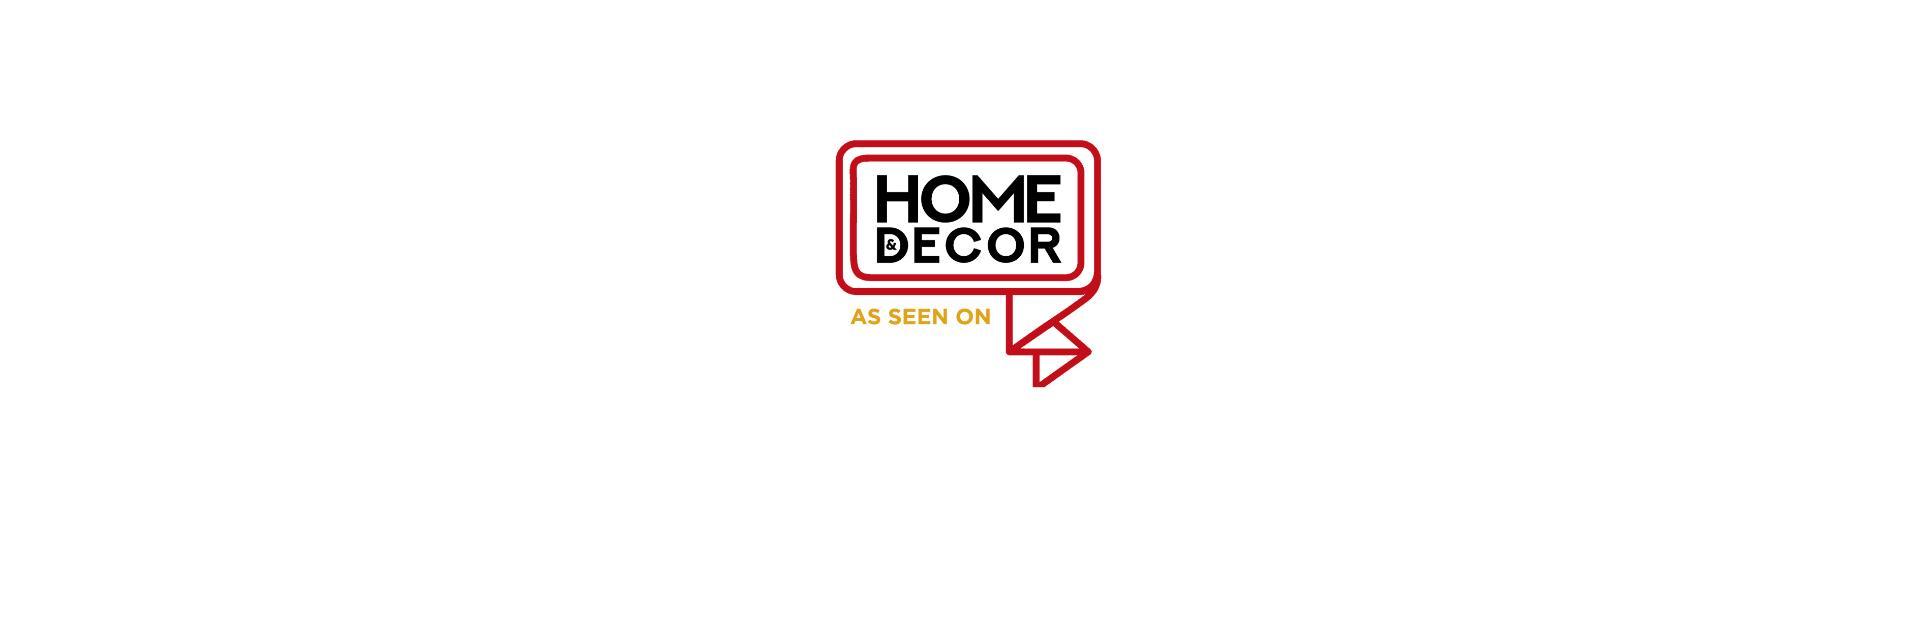 Home and decor logo